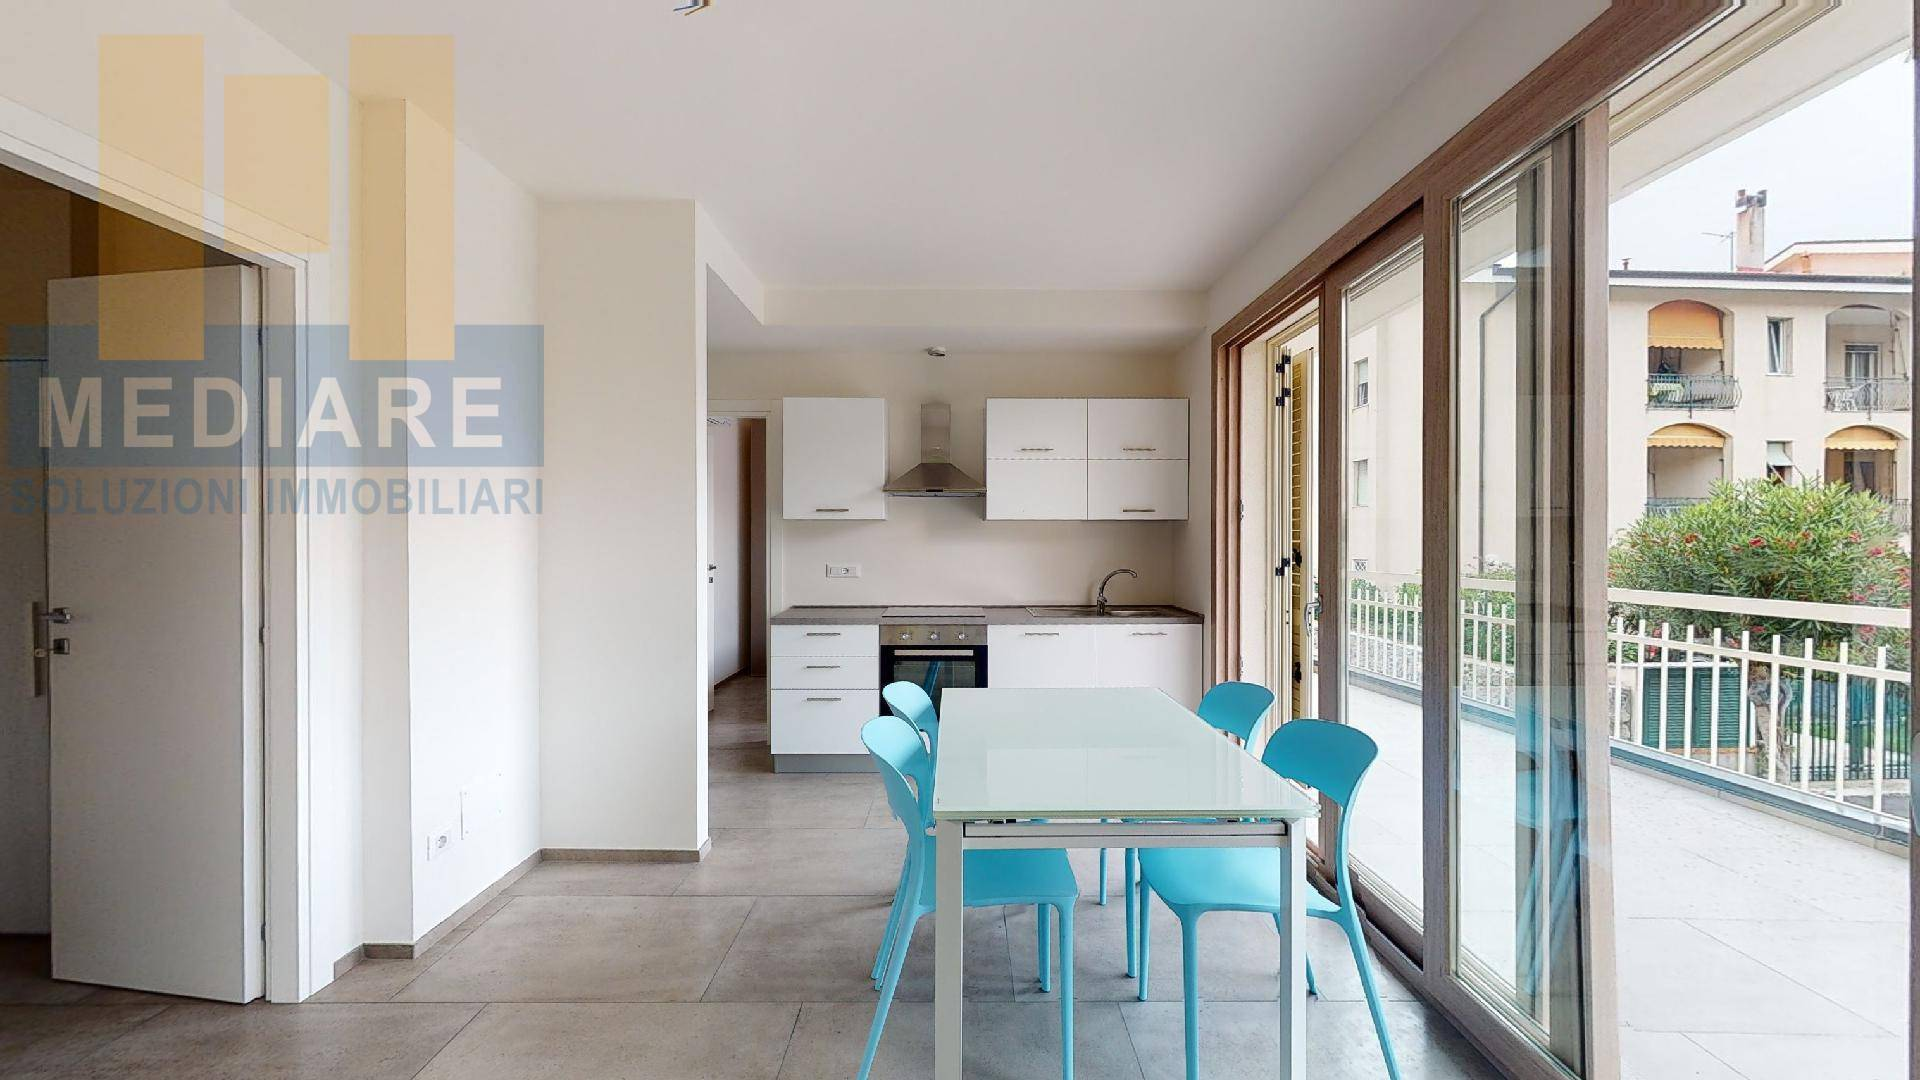 Appartamento in vendita a Borgio Verezzi, 3 locali, prezzo € 339.000   CambioCasa.it